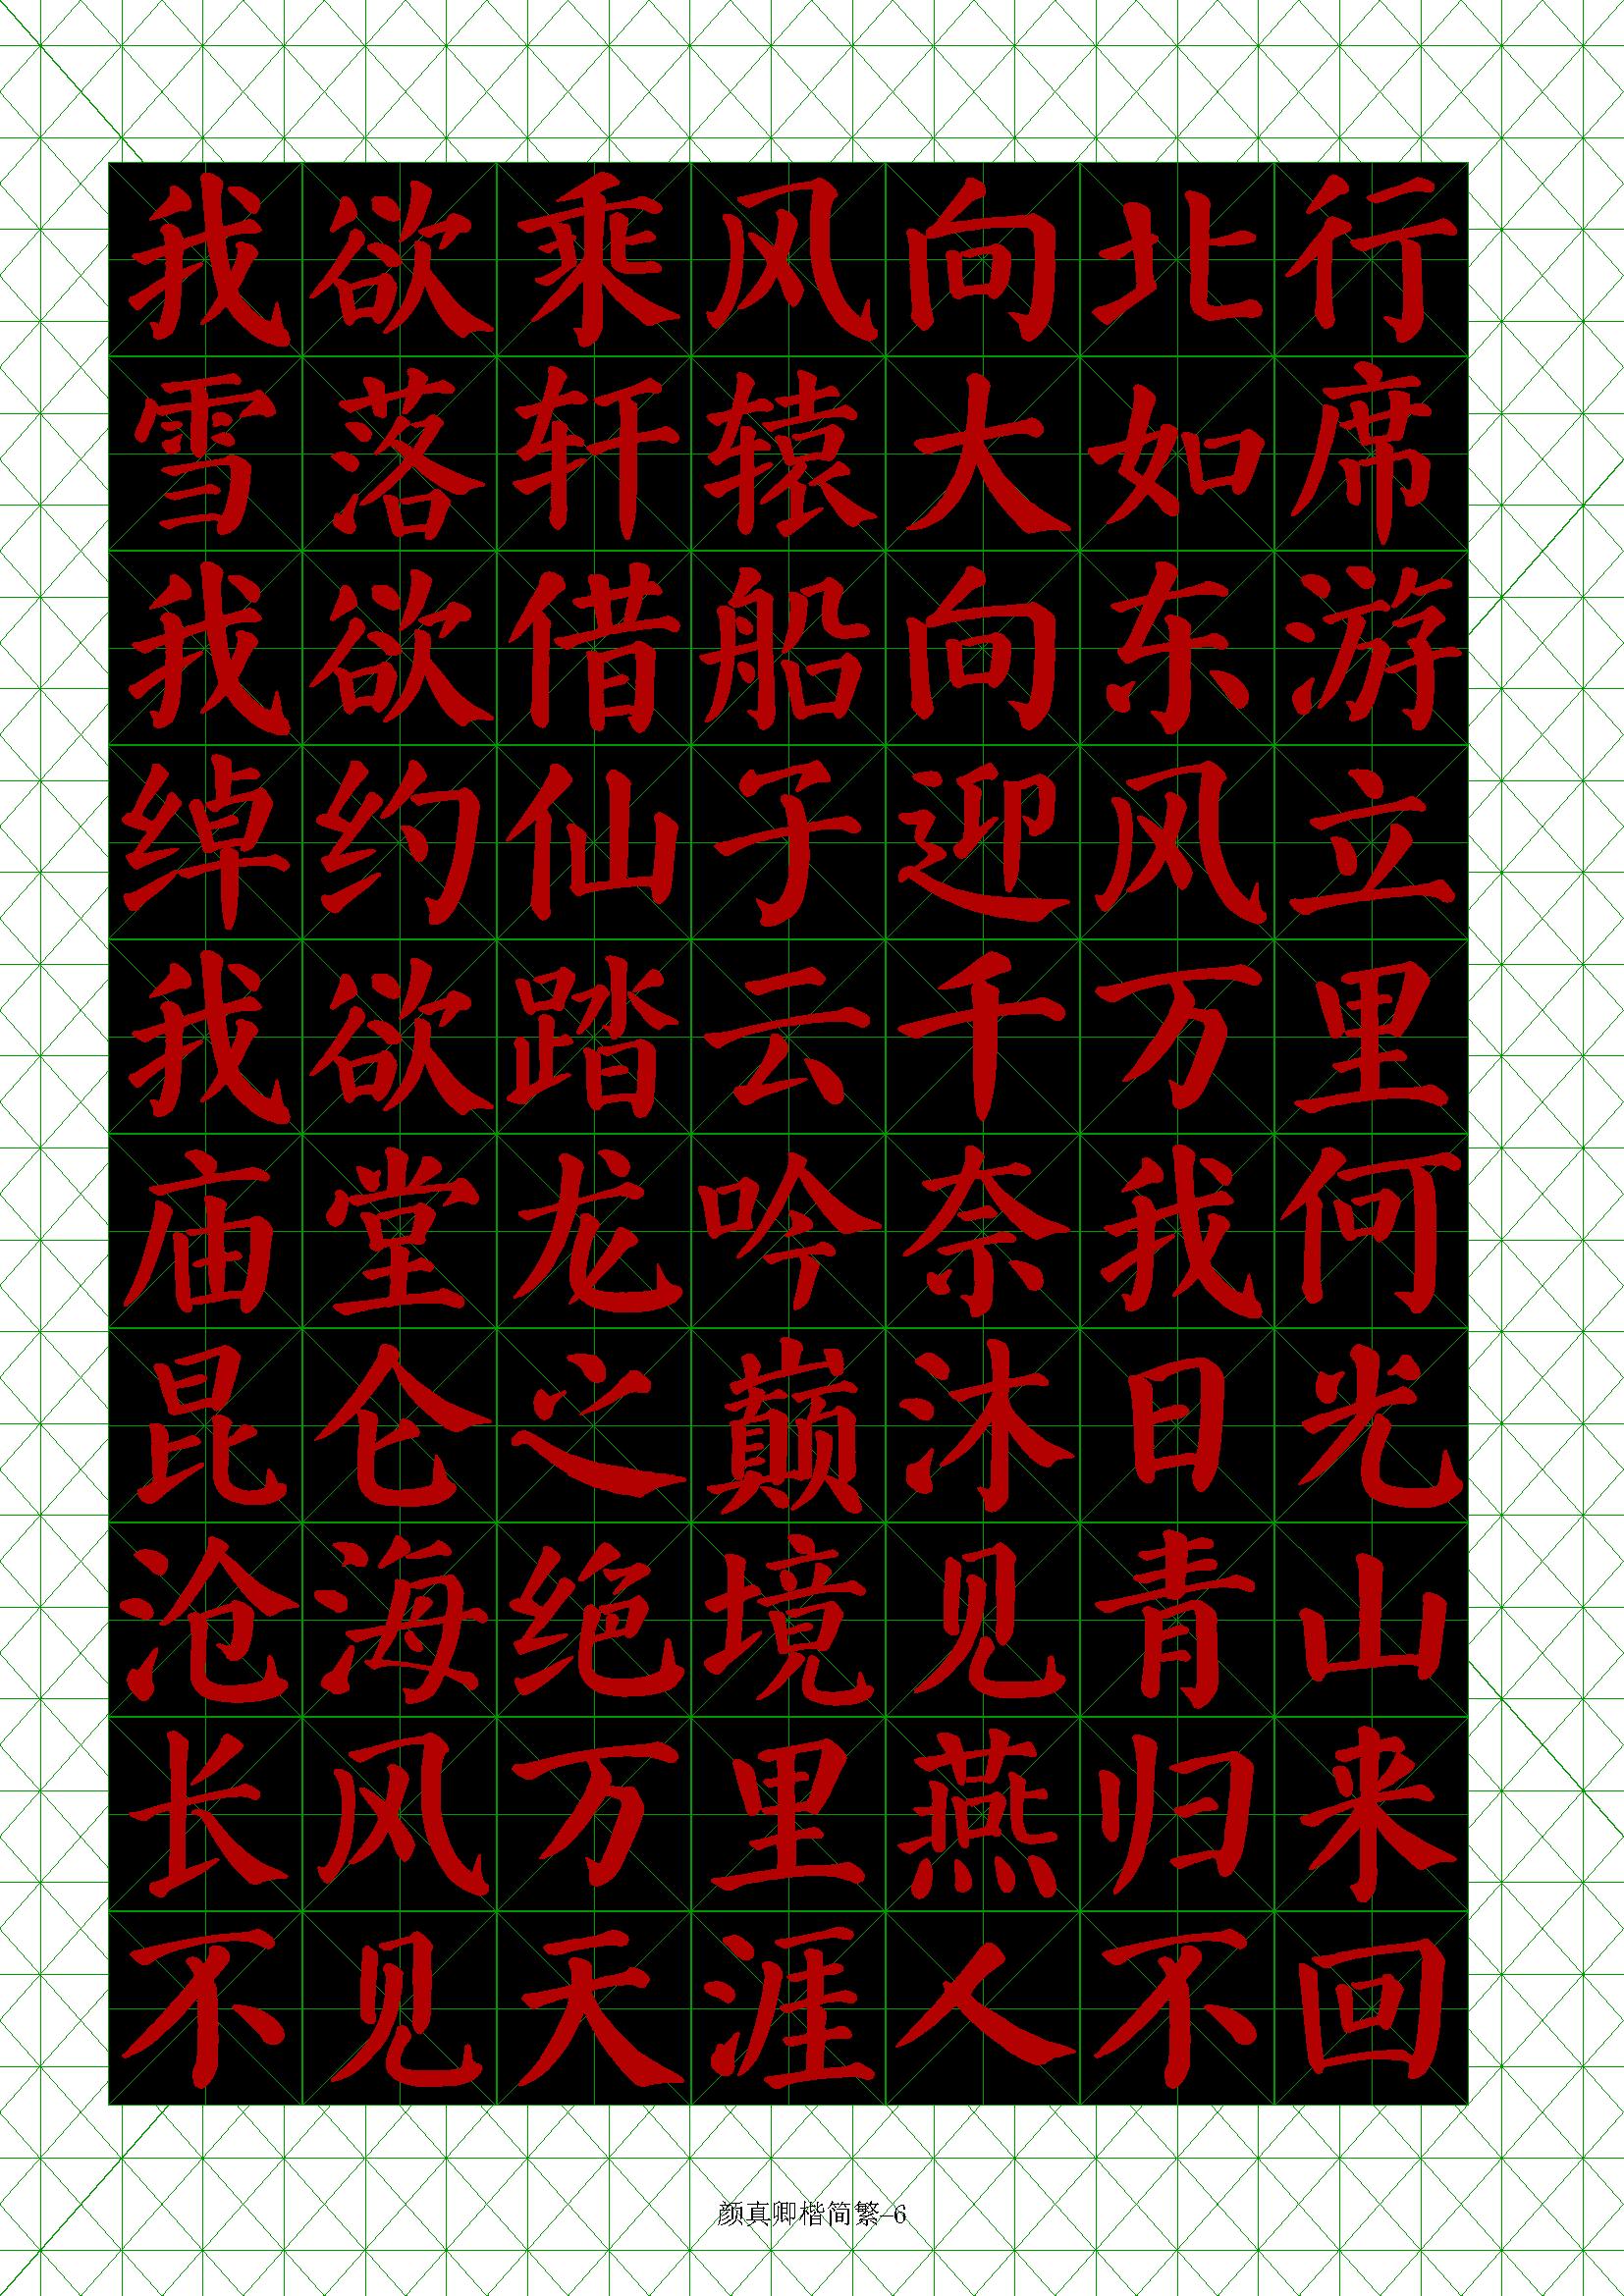 LaTeX字帖宏包排版的《水调歌头·明有几时有》